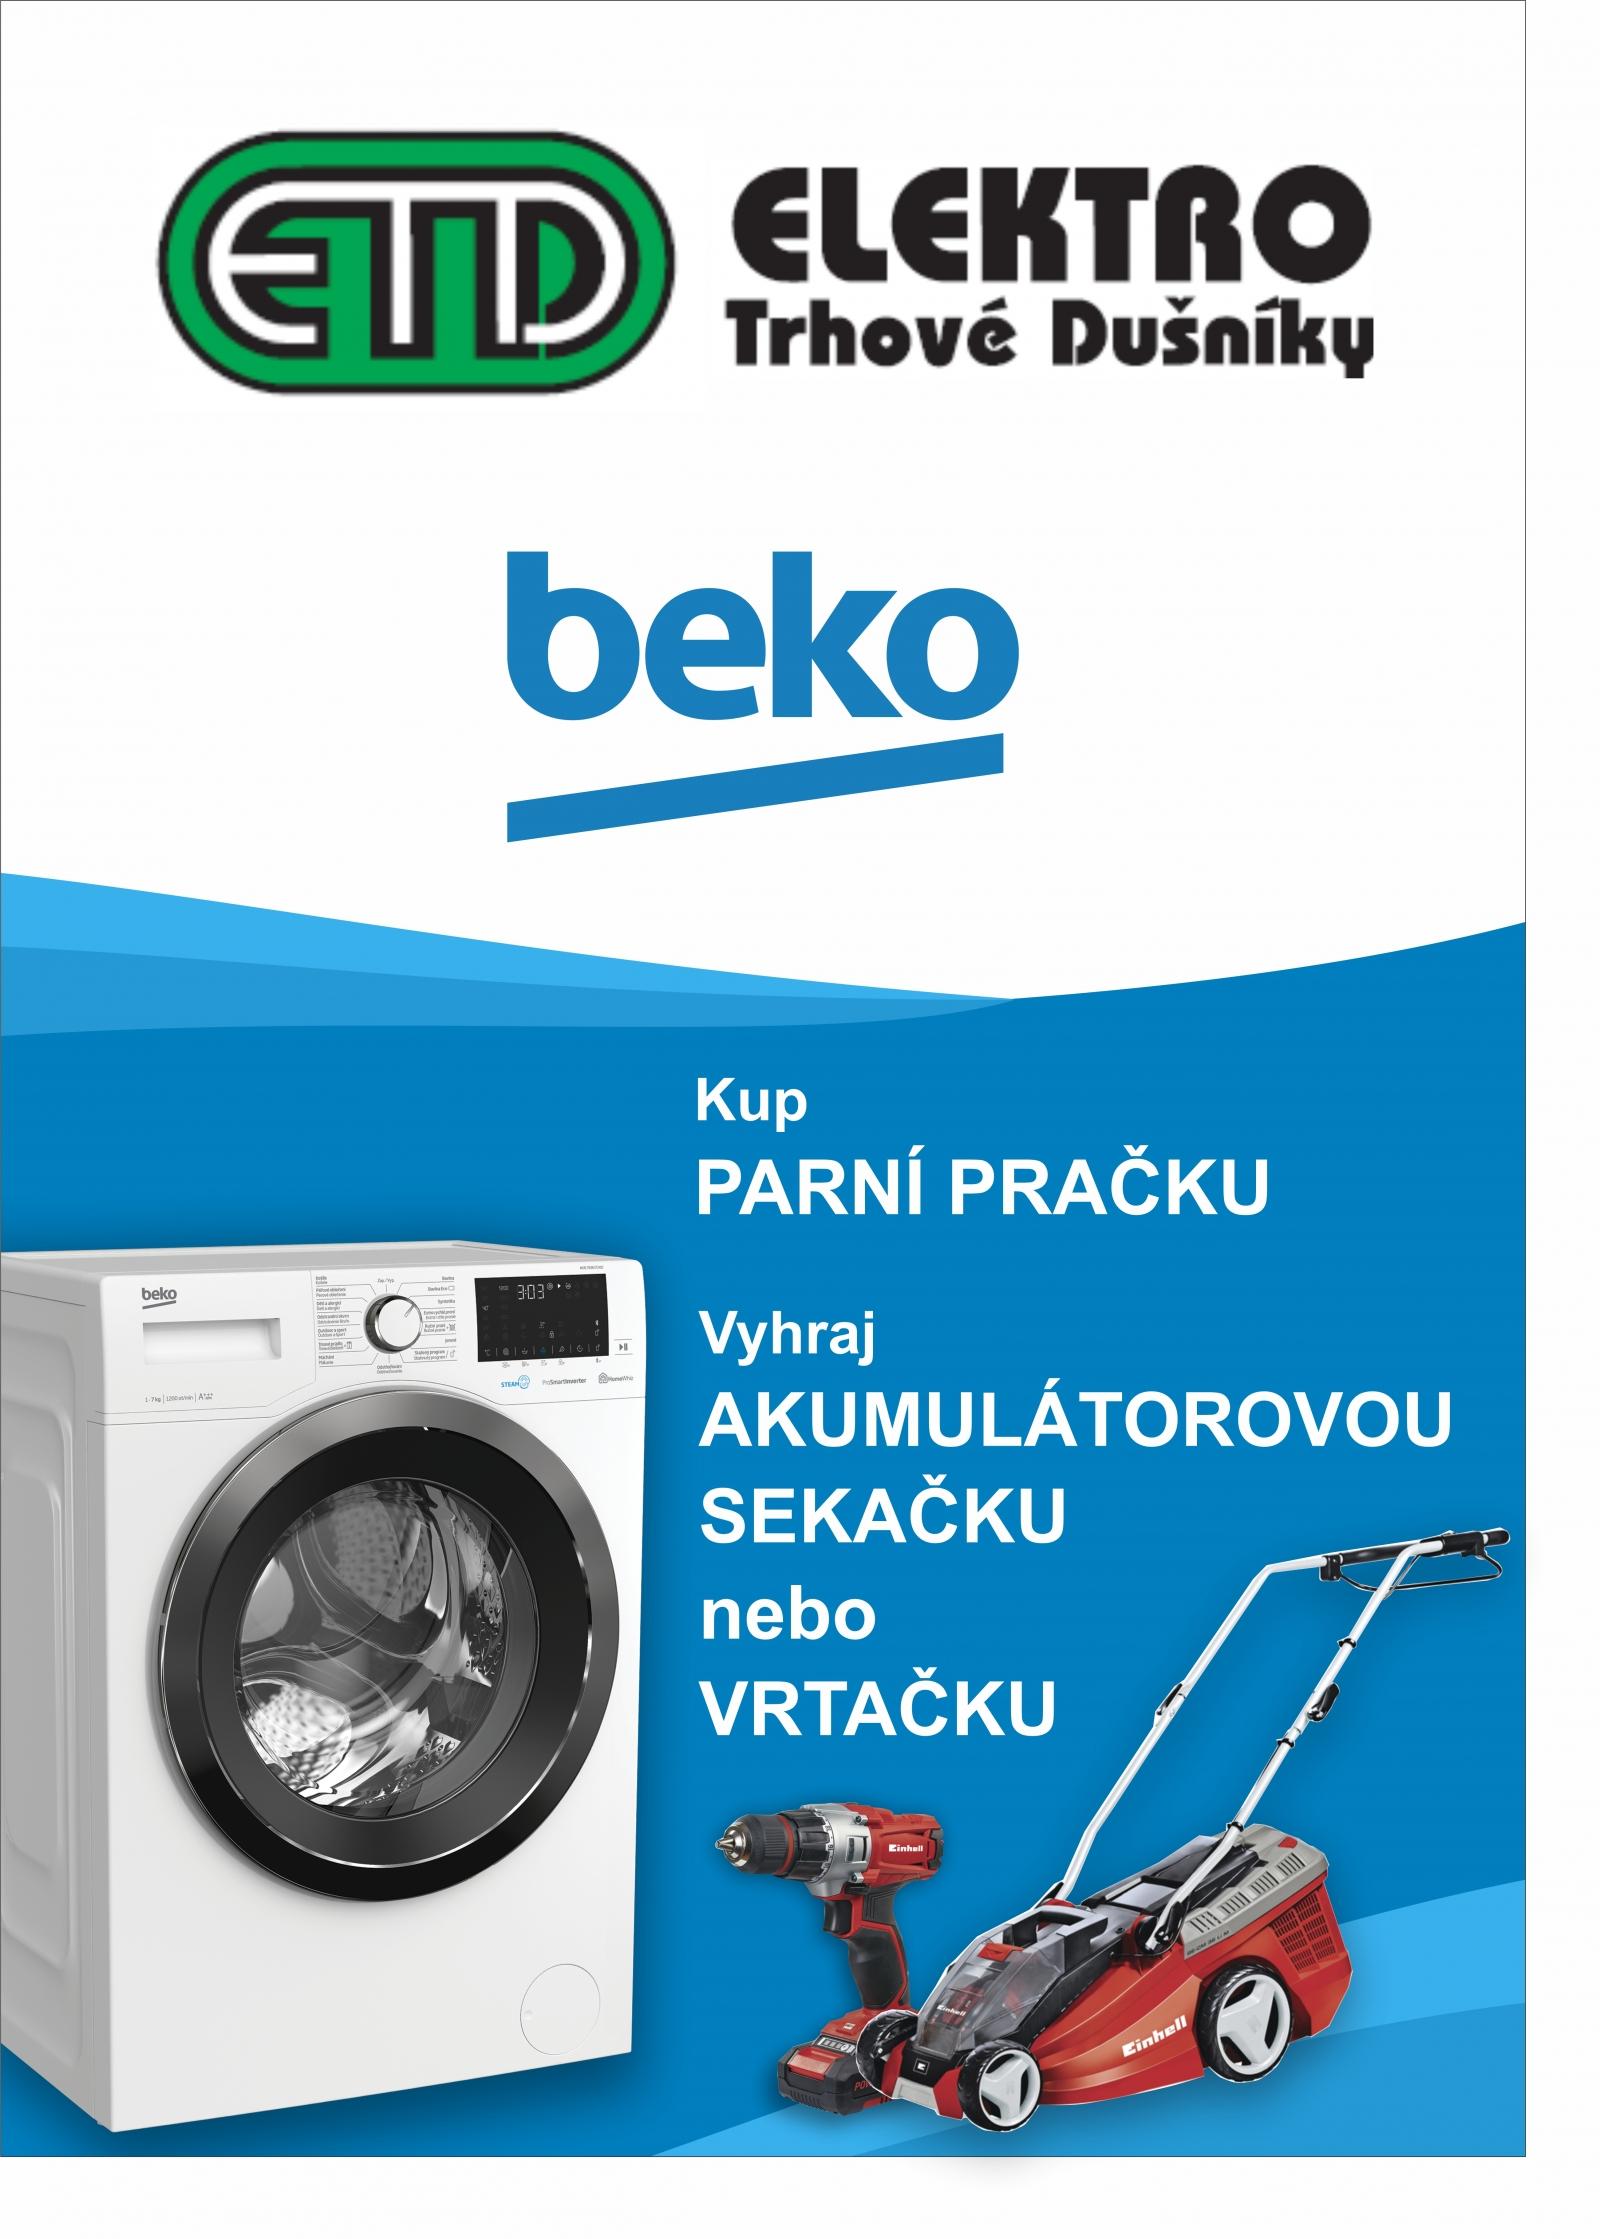 Kup pračku a vyhraj akku sekačku (3 produktů)